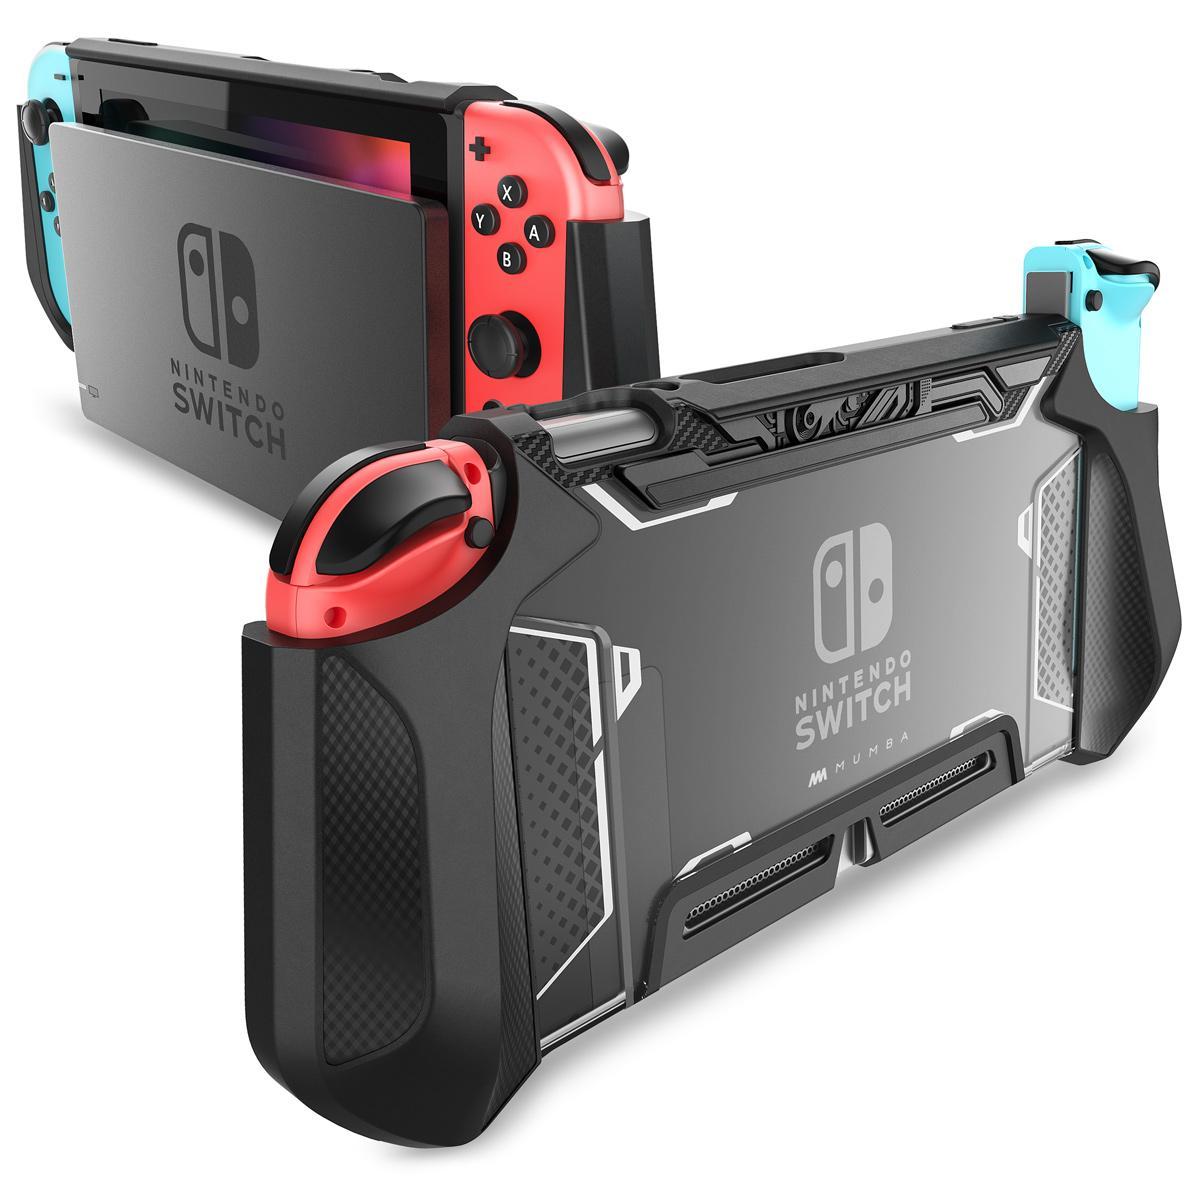 Dockable dành cho Máy Nintendo Switch BẢO VỆ Mumba TPU Cầm Vỏ Ốp Lưng Bảo Vệ Tương Thích với Nintendo Công Tắc Tay Cầm và Joy-Con bộ điều khiển Nhật Bản